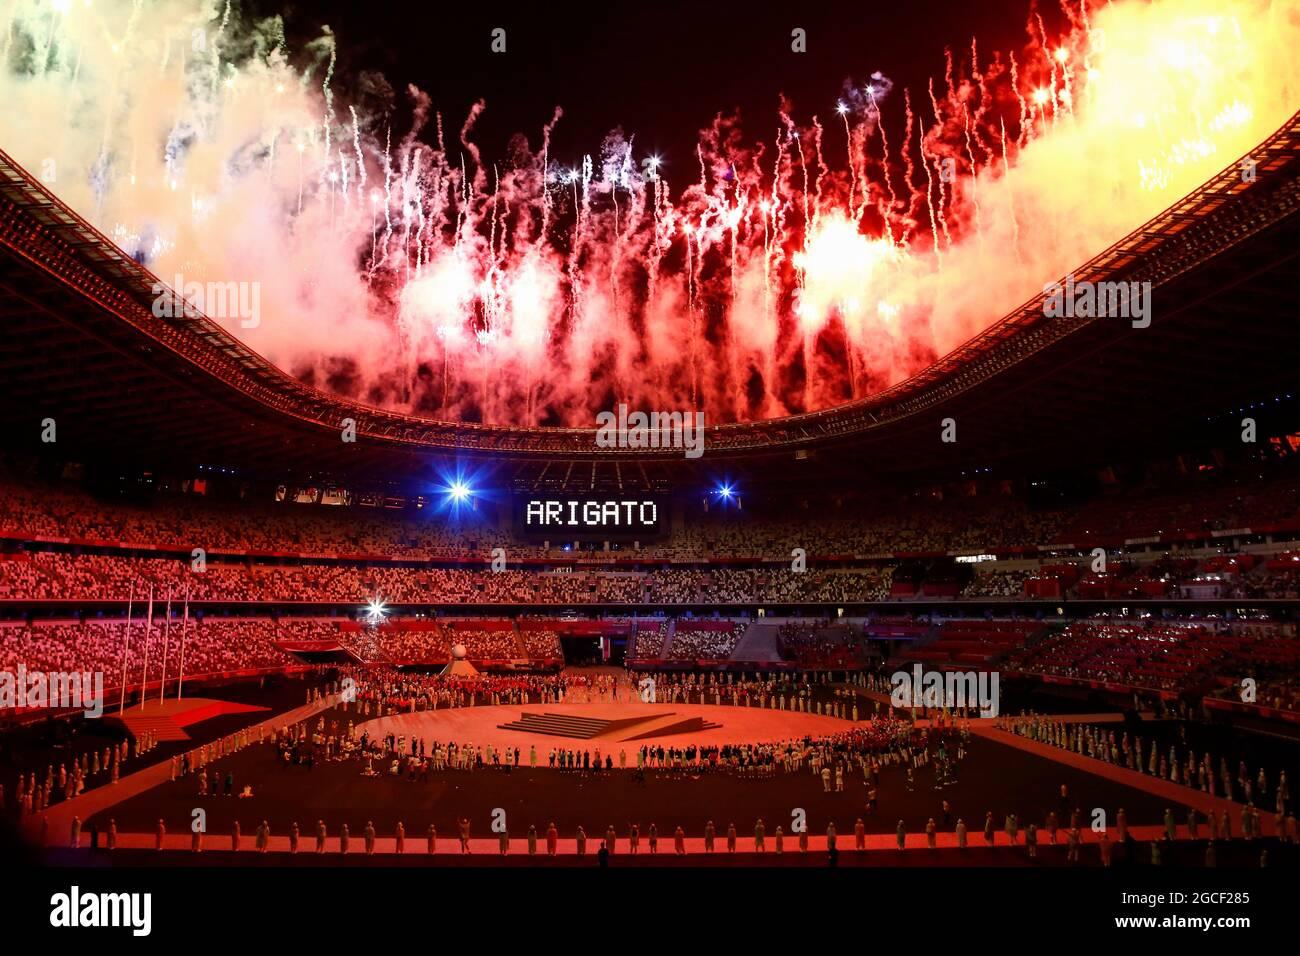 Tokio, Japan. August 2021. Während der Abschlusszeremonie der Olympischen Spiele 2020 in Tokio explodieren Feuerwerke über dem Olympiastadion. (Bild: © Rodrigo Reyes Marin/ZUMA Press Wire) Stockfoto